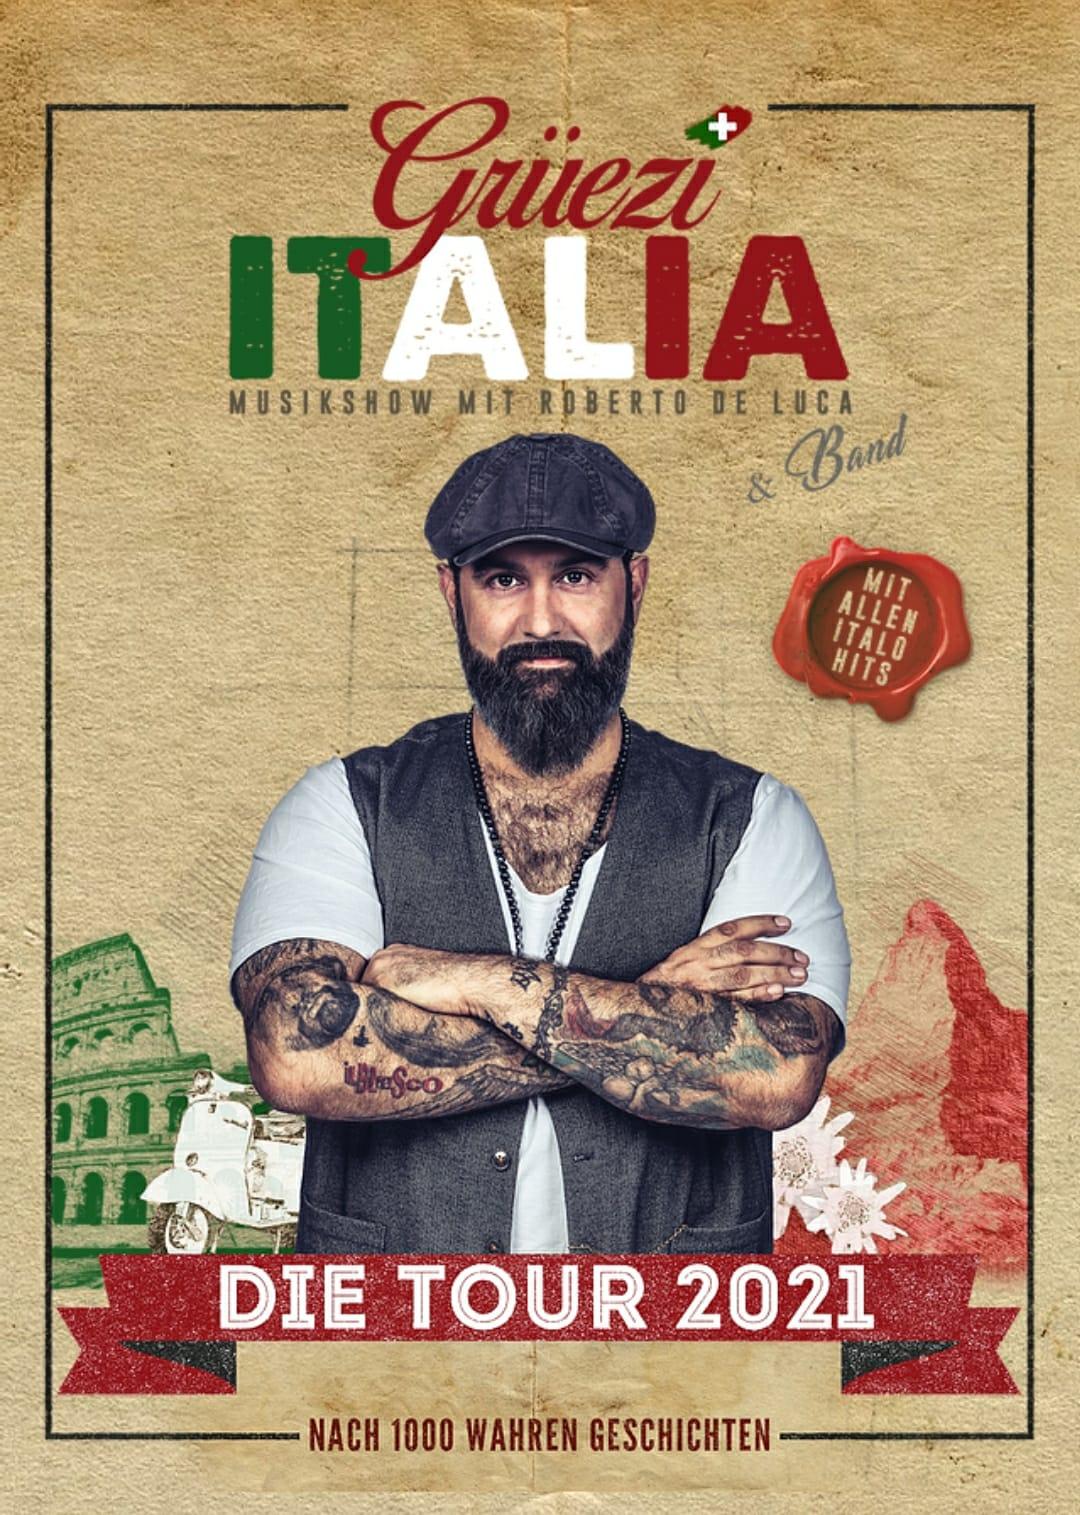 Grüezi Italia Tour mit Roberto De Luca & Band